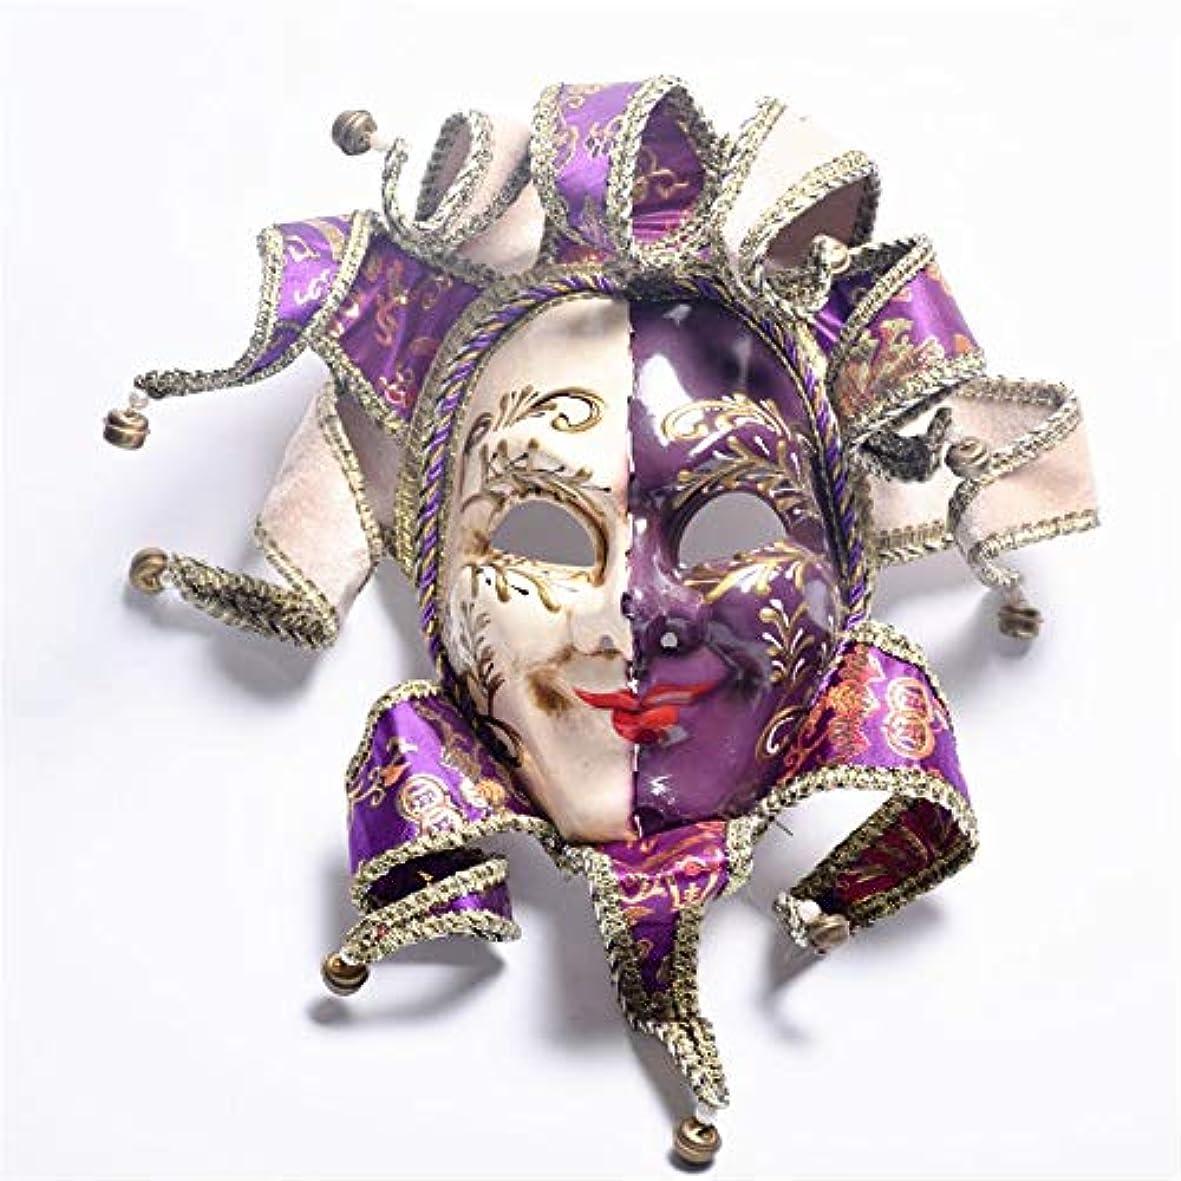 来て推進力フォアタイプダンスマスク 塗装フルフェイスパフォーマンス小道具ハロウィンパーティー仮装祭りロールプレイナイトクラブパーティープラスチックマスク パーティーボールマスク (色 : 紫の, サイズ : 50x36cm)